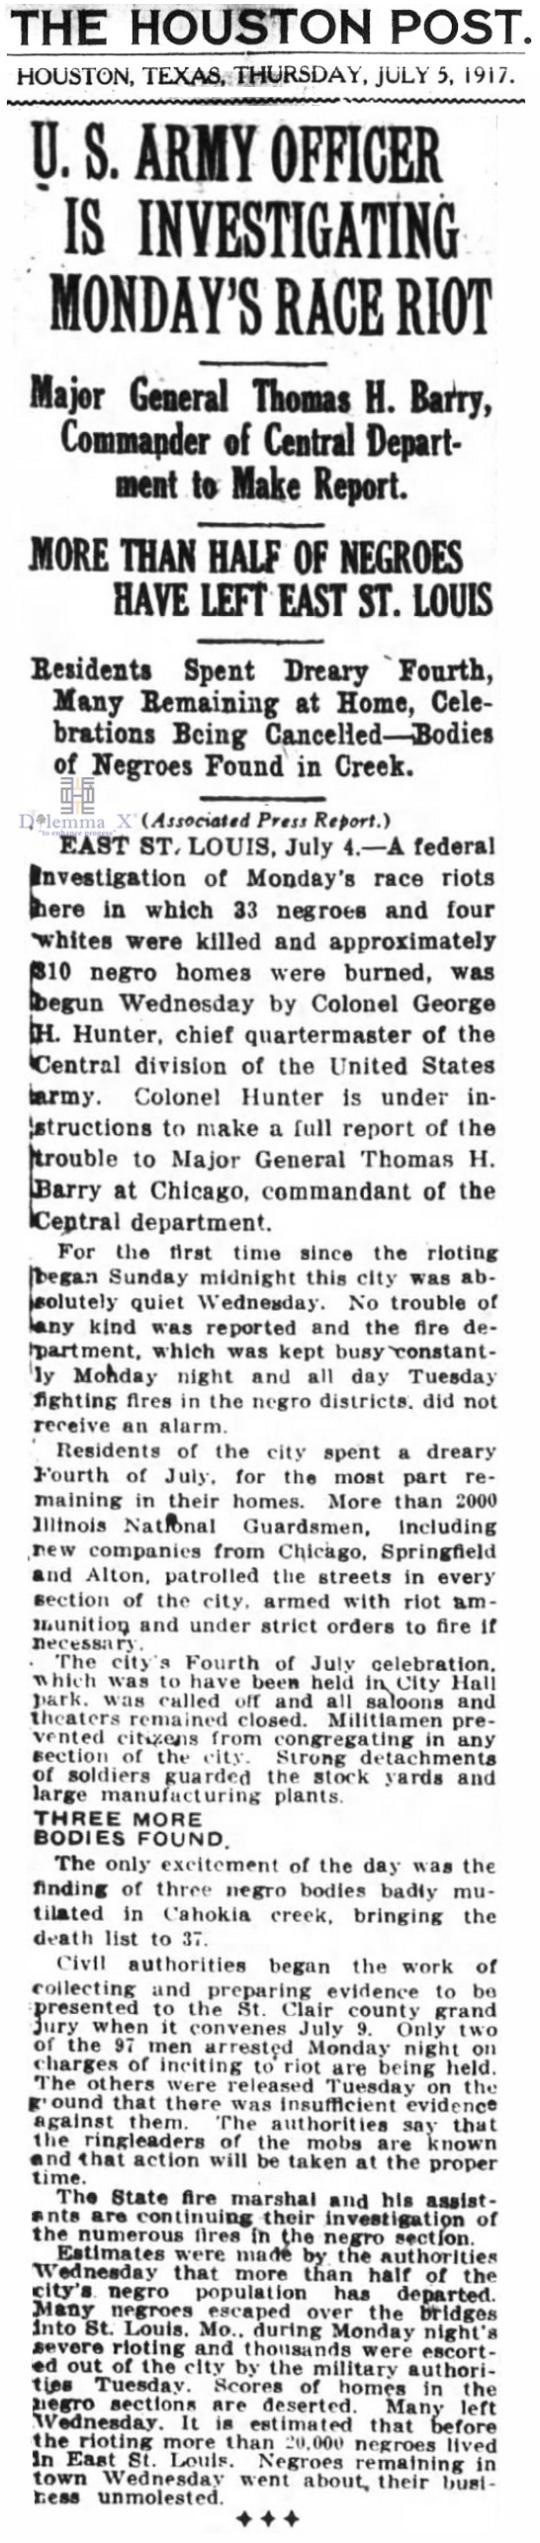 1917 Blacks Expulsion East St Louis